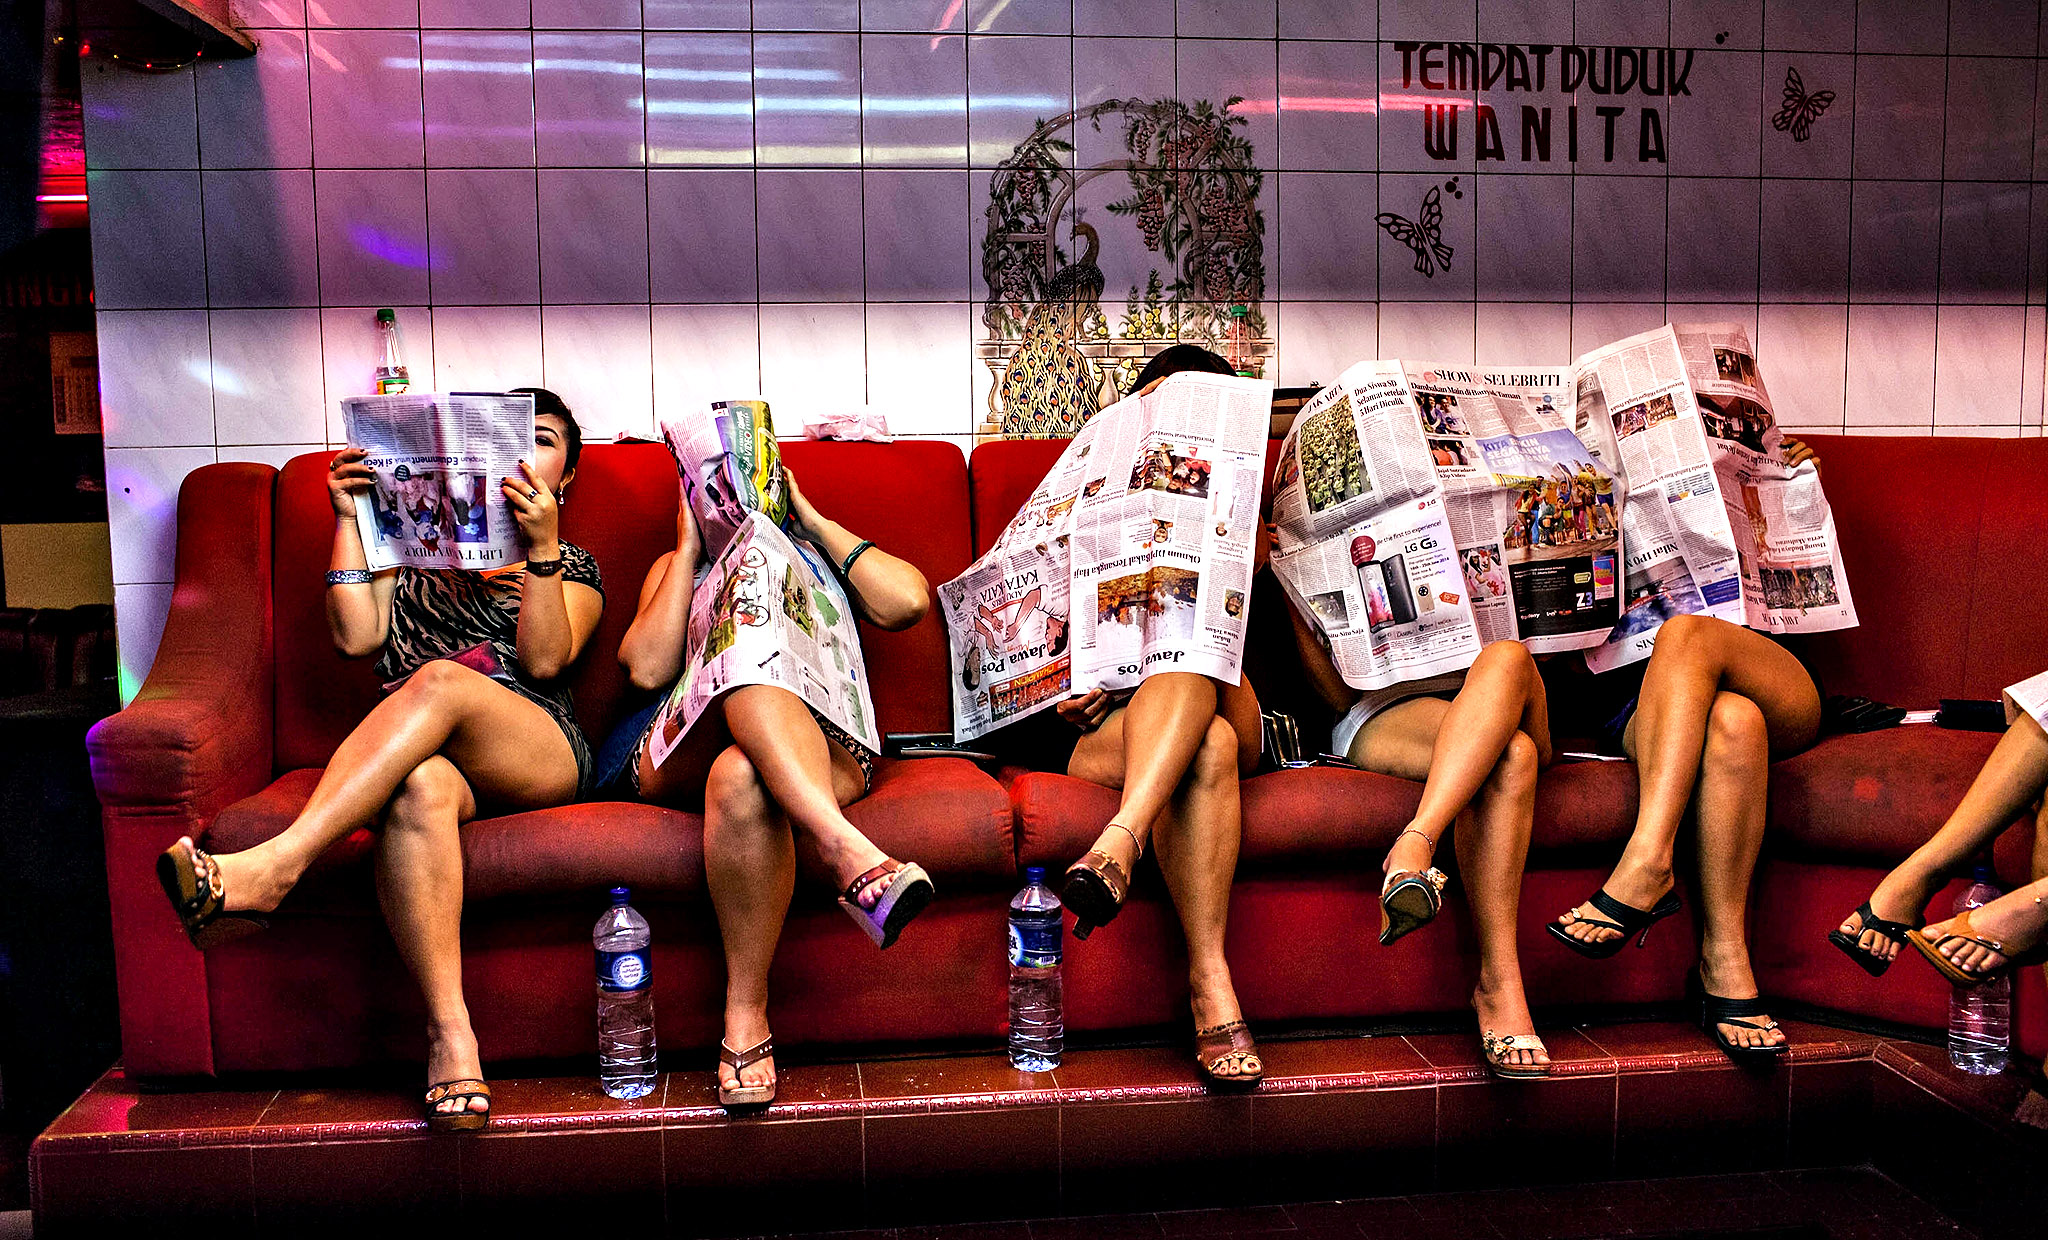 Фото голых проституток в питере, Проверенные проститутки СПб, индивидуалки Питера 2 фотография